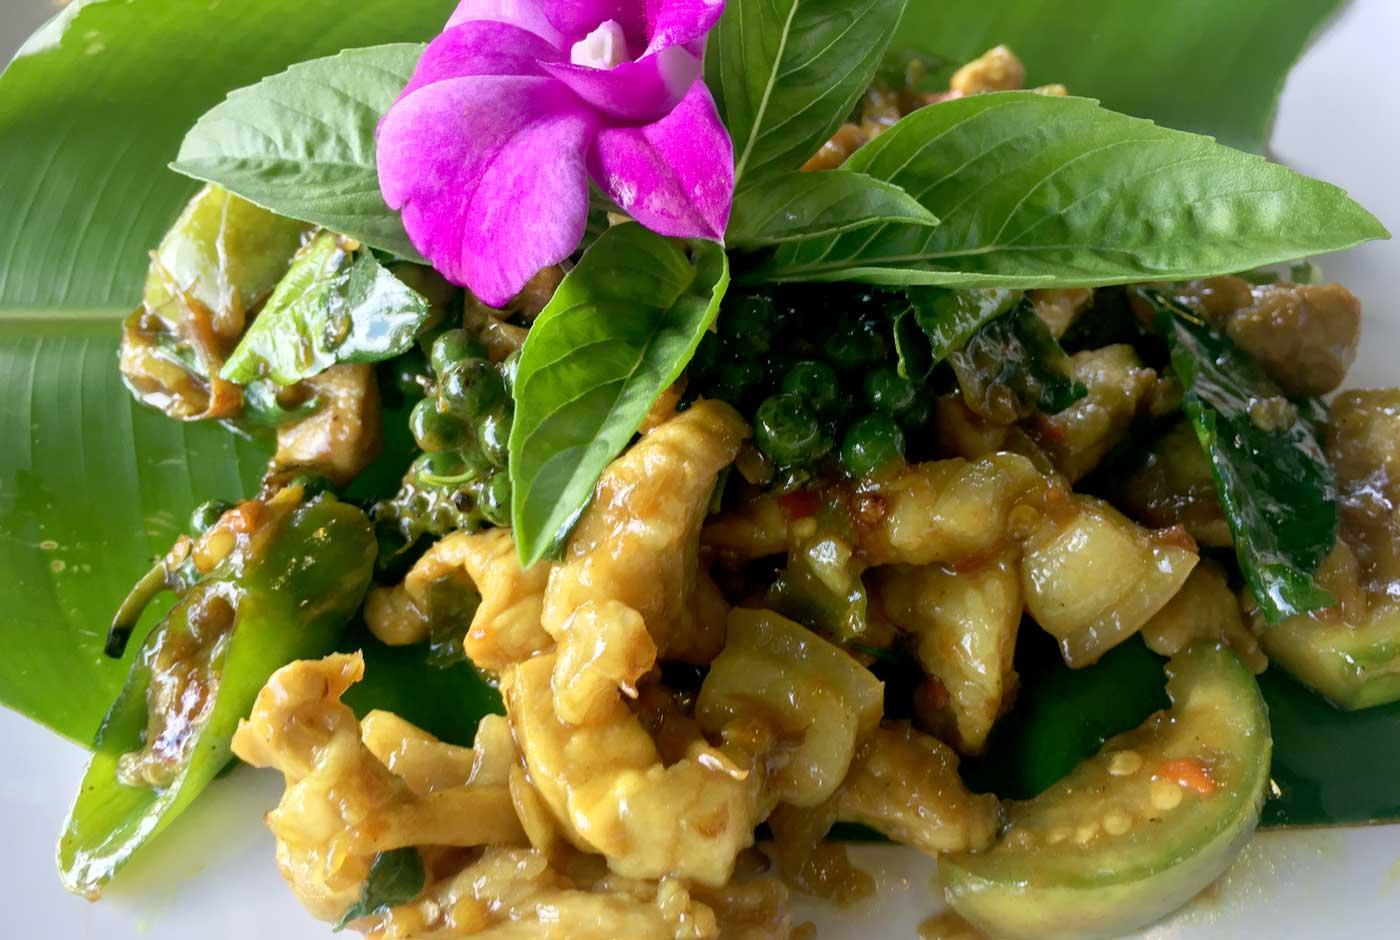 Spicy Stir Fried Pork with Thai Herbs